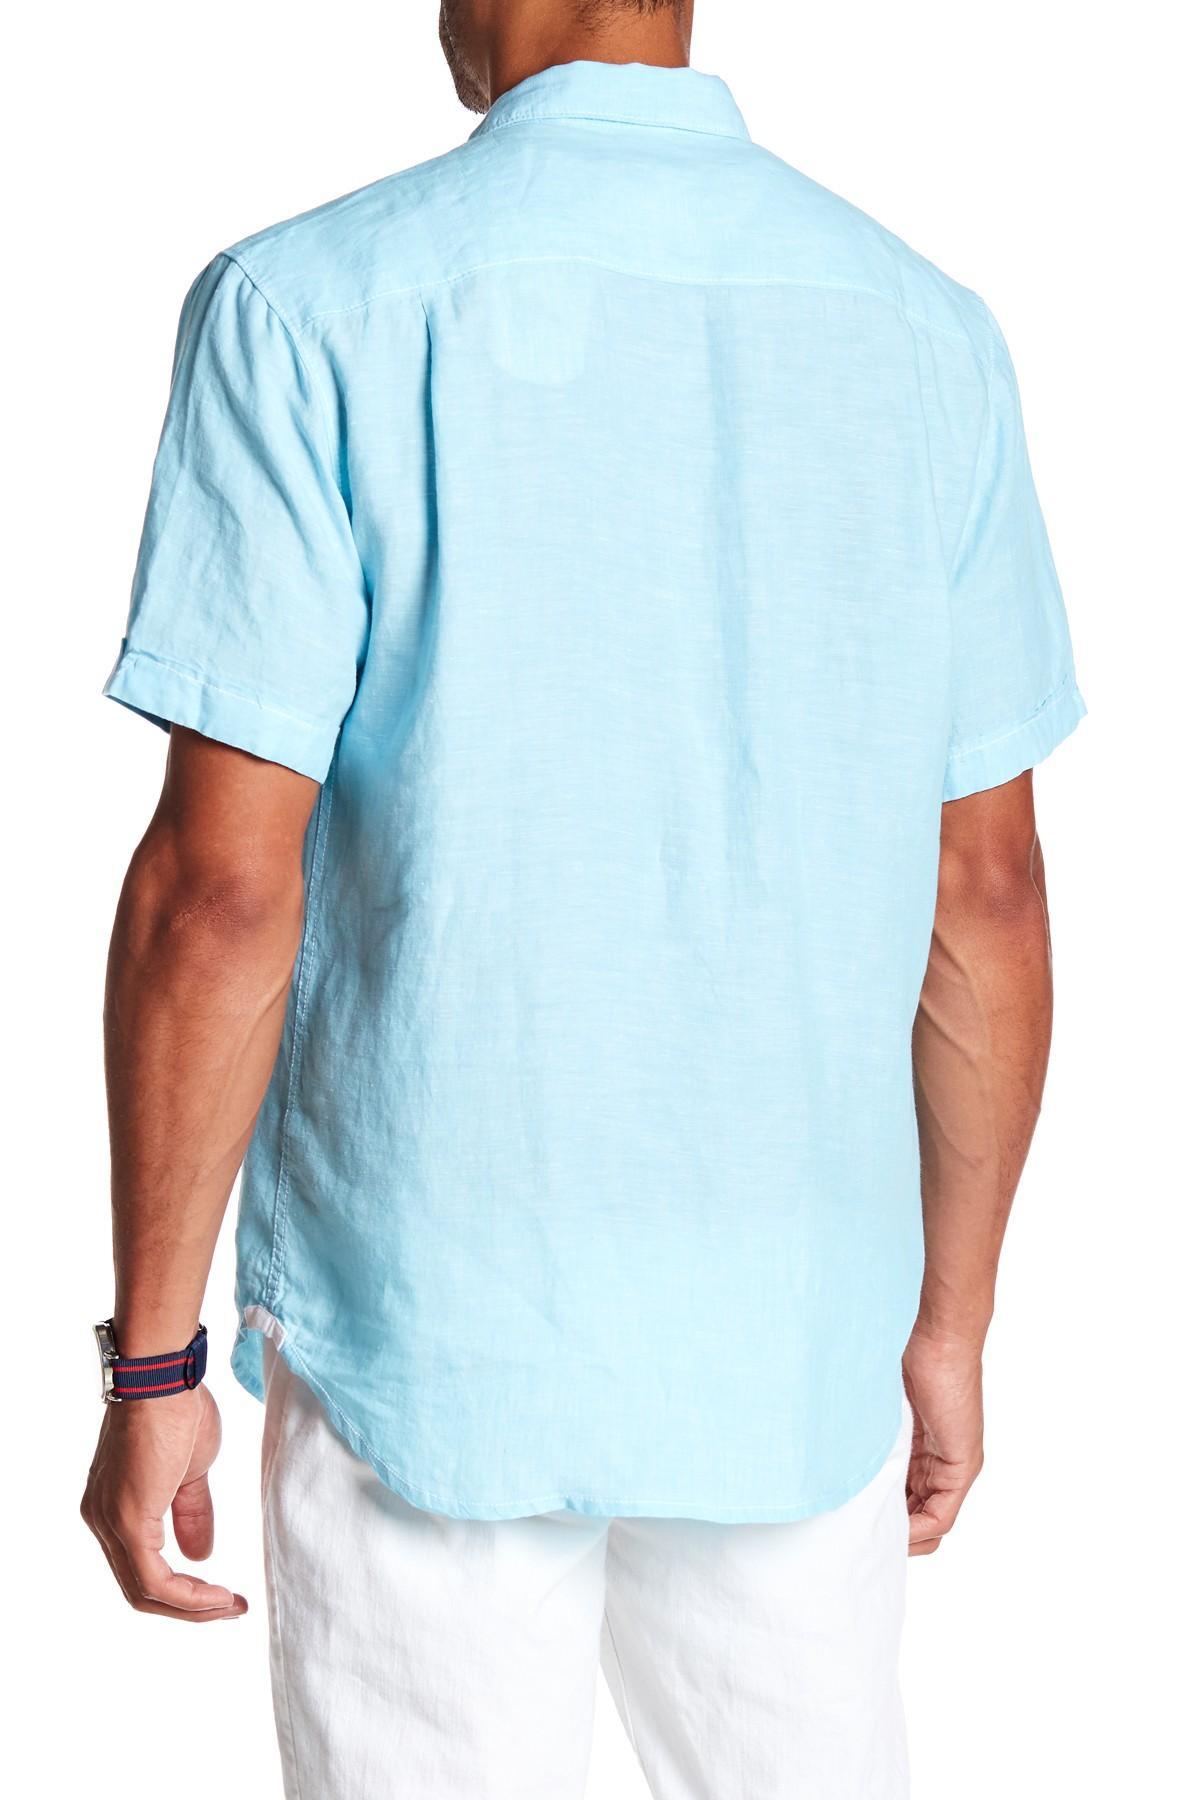 8d9e1c816 Tommy Bahama - Blue Party Breezer Modern Fit Linen Shirt for Men - Lyst.  View fullscreen